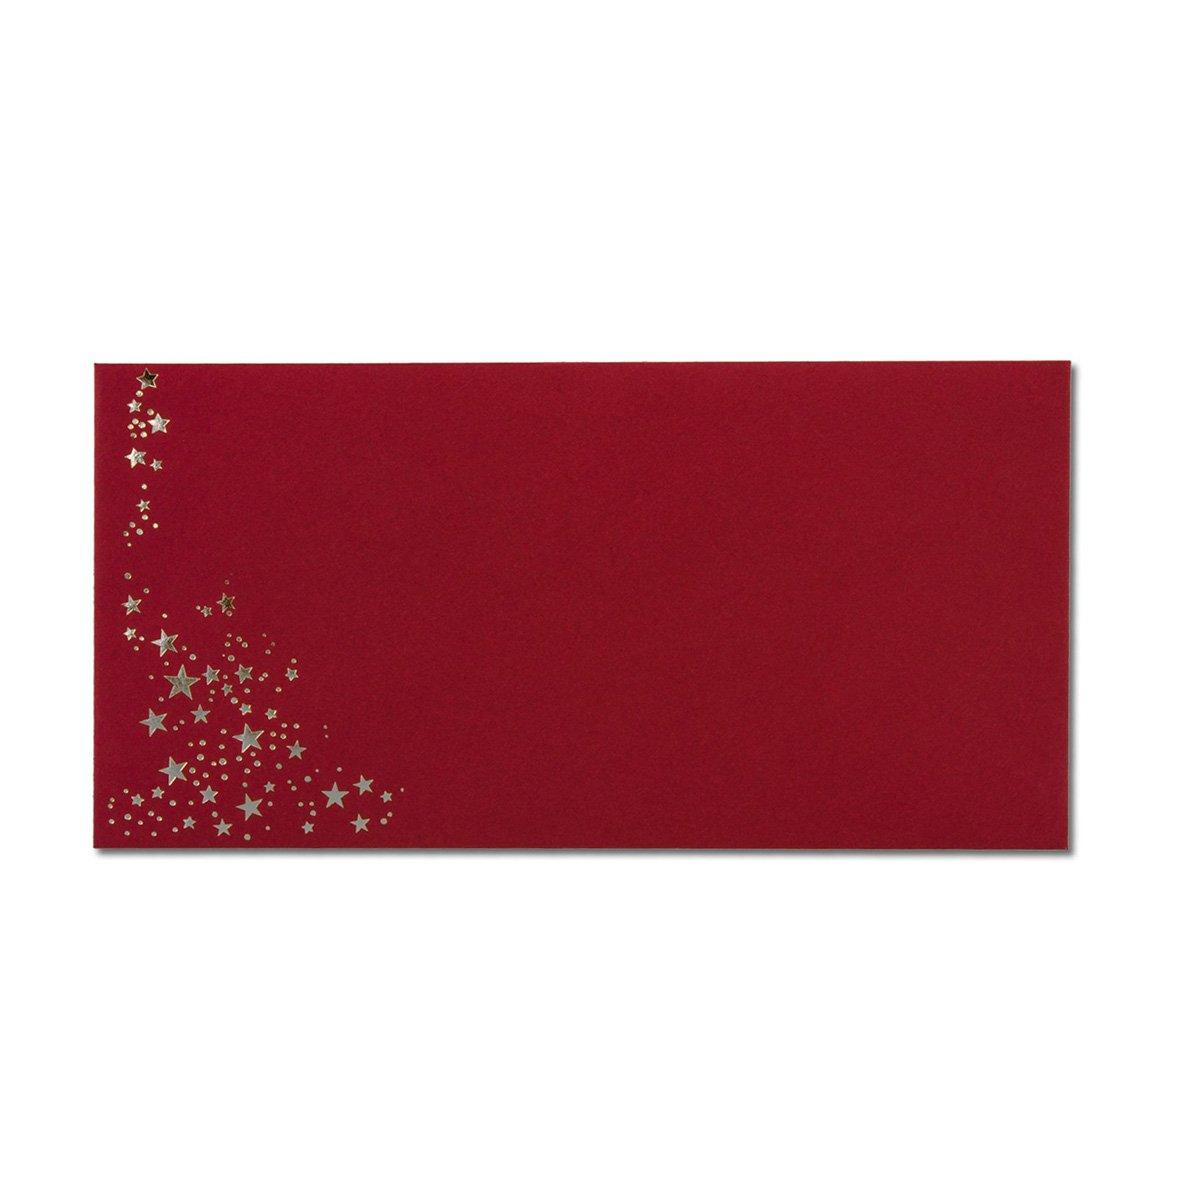 300x Weihnachts-Briefumschläge   DIN Lang     mit Gold-Metallic geprägtem Sternenregen   Farbe  dunkelrot, Nassklebung, 120 g m²   110 x 220 mm   Marke  GUSTAV NEUSER® B07CHQBQM6 | Wunderbar  | Produktqualität  | Exzellente Verarbeitung 56649e